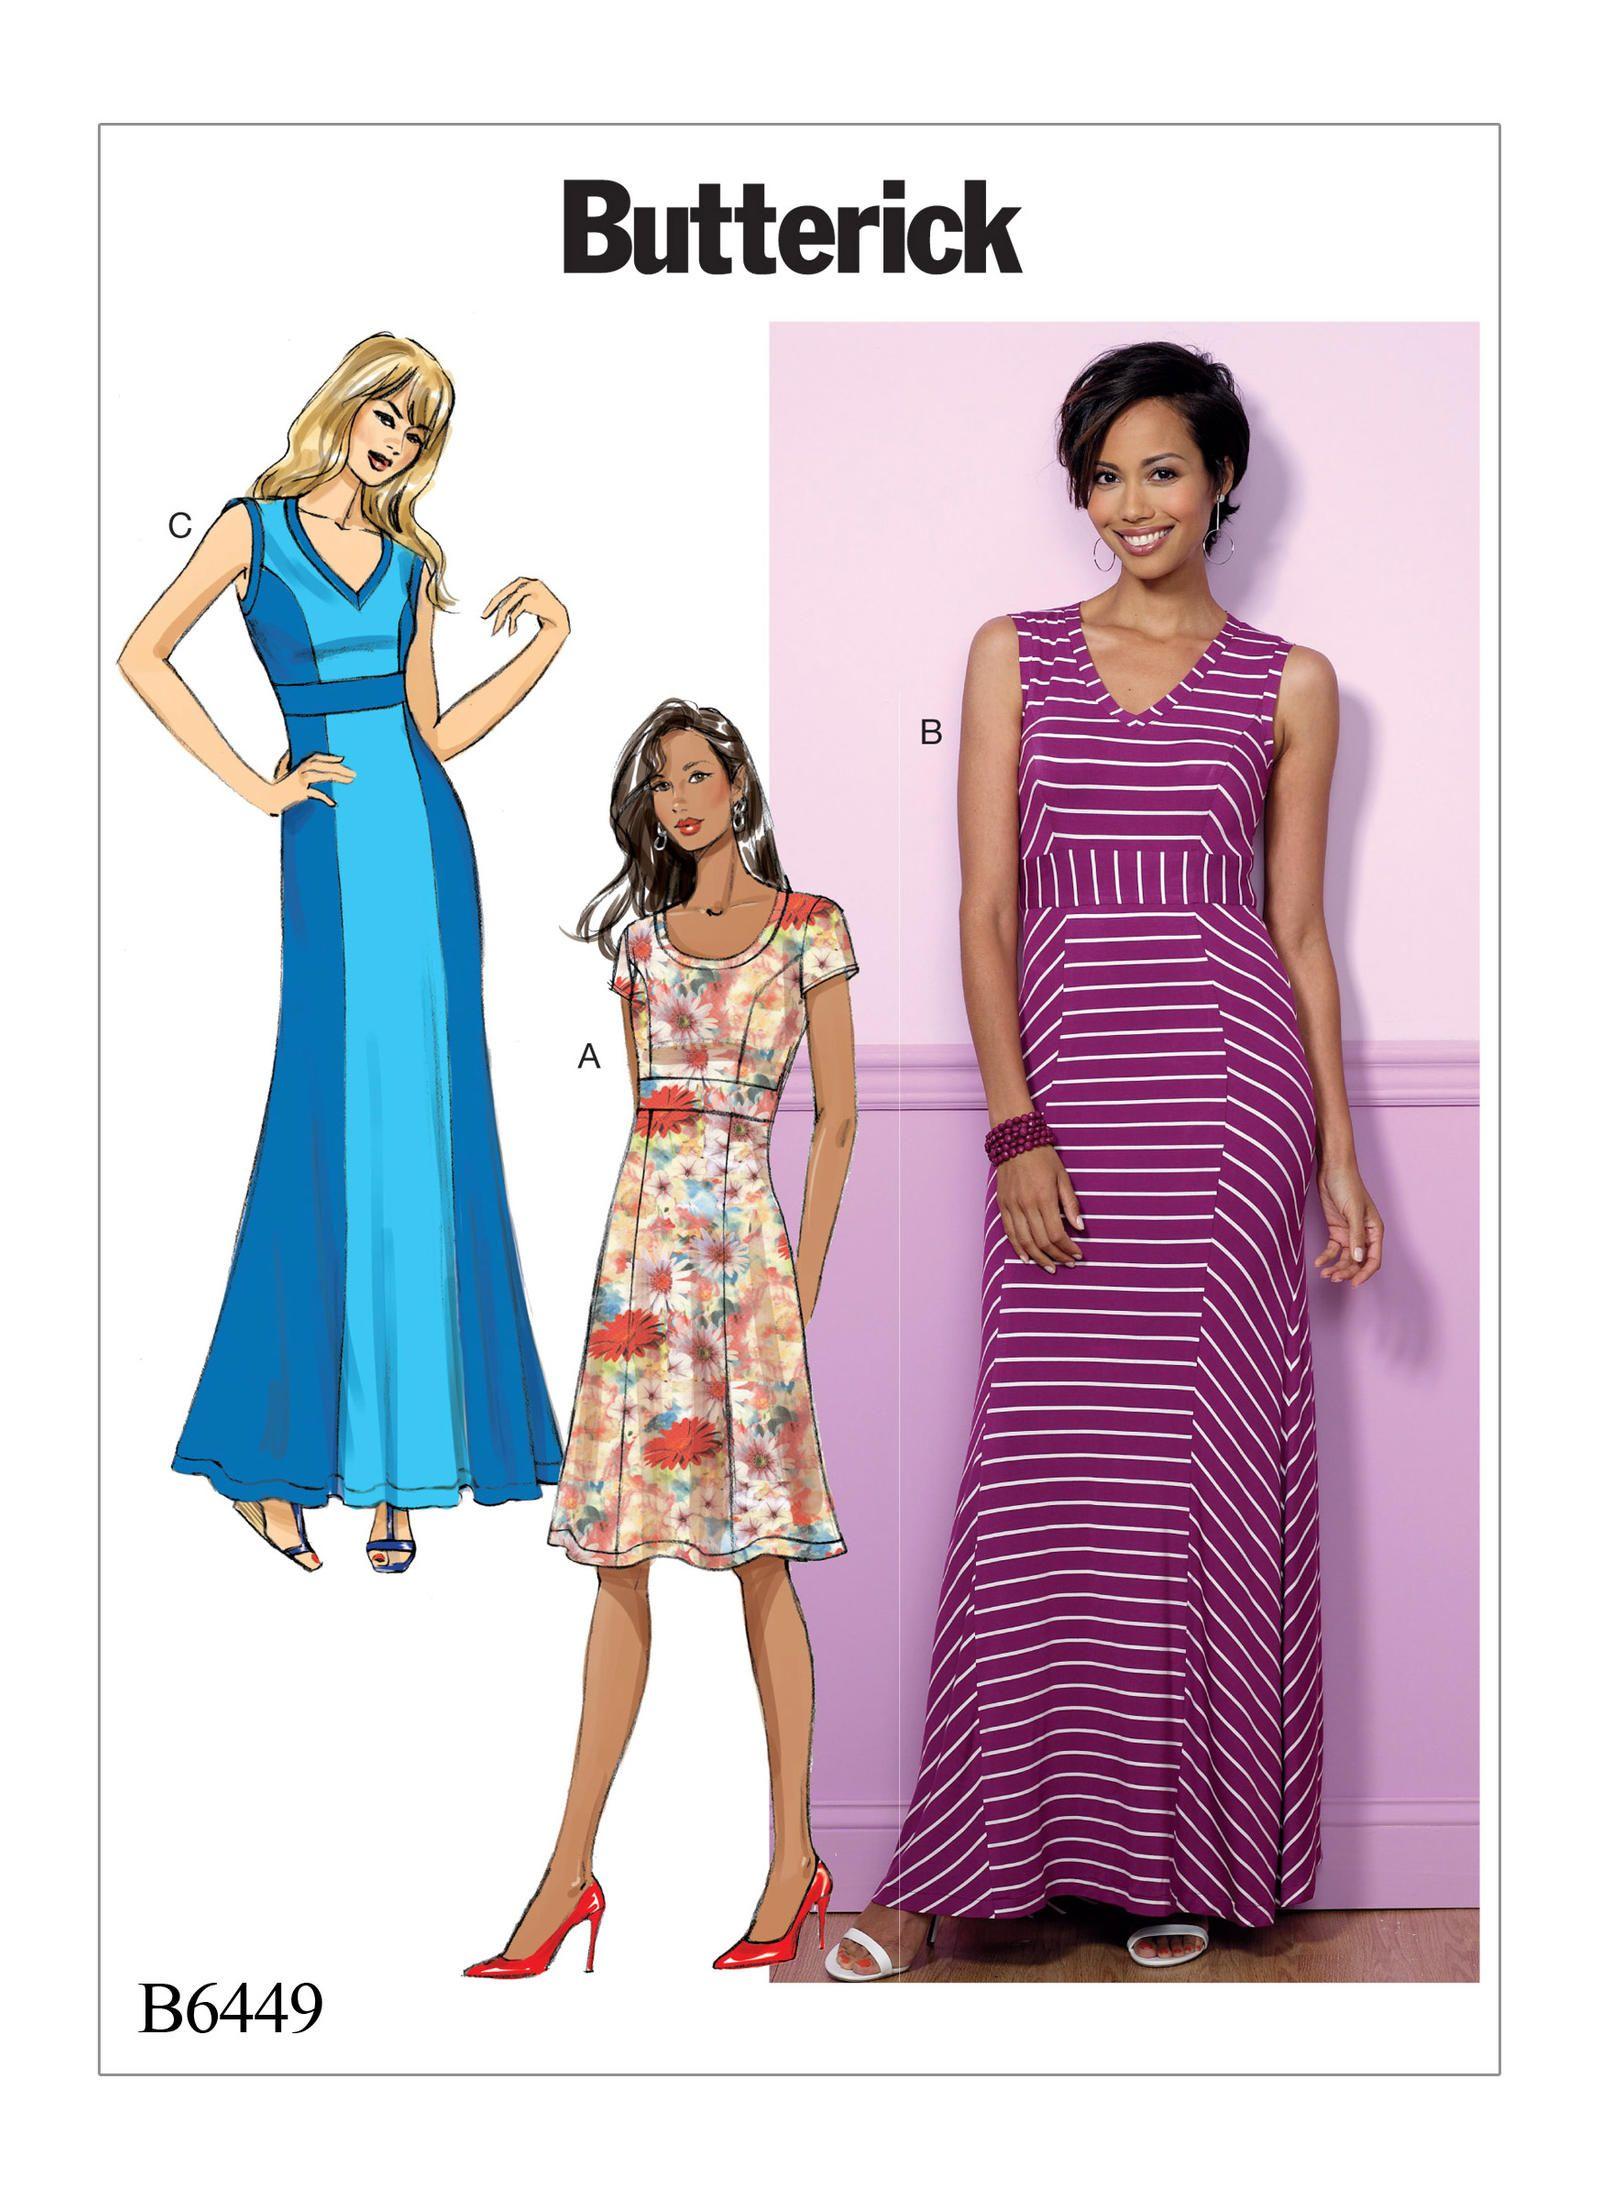 50a9af6dc5 Butterick 6449 Misses' V-Neck or Scoopneck, Princess Seam Dresses sewing  pattern